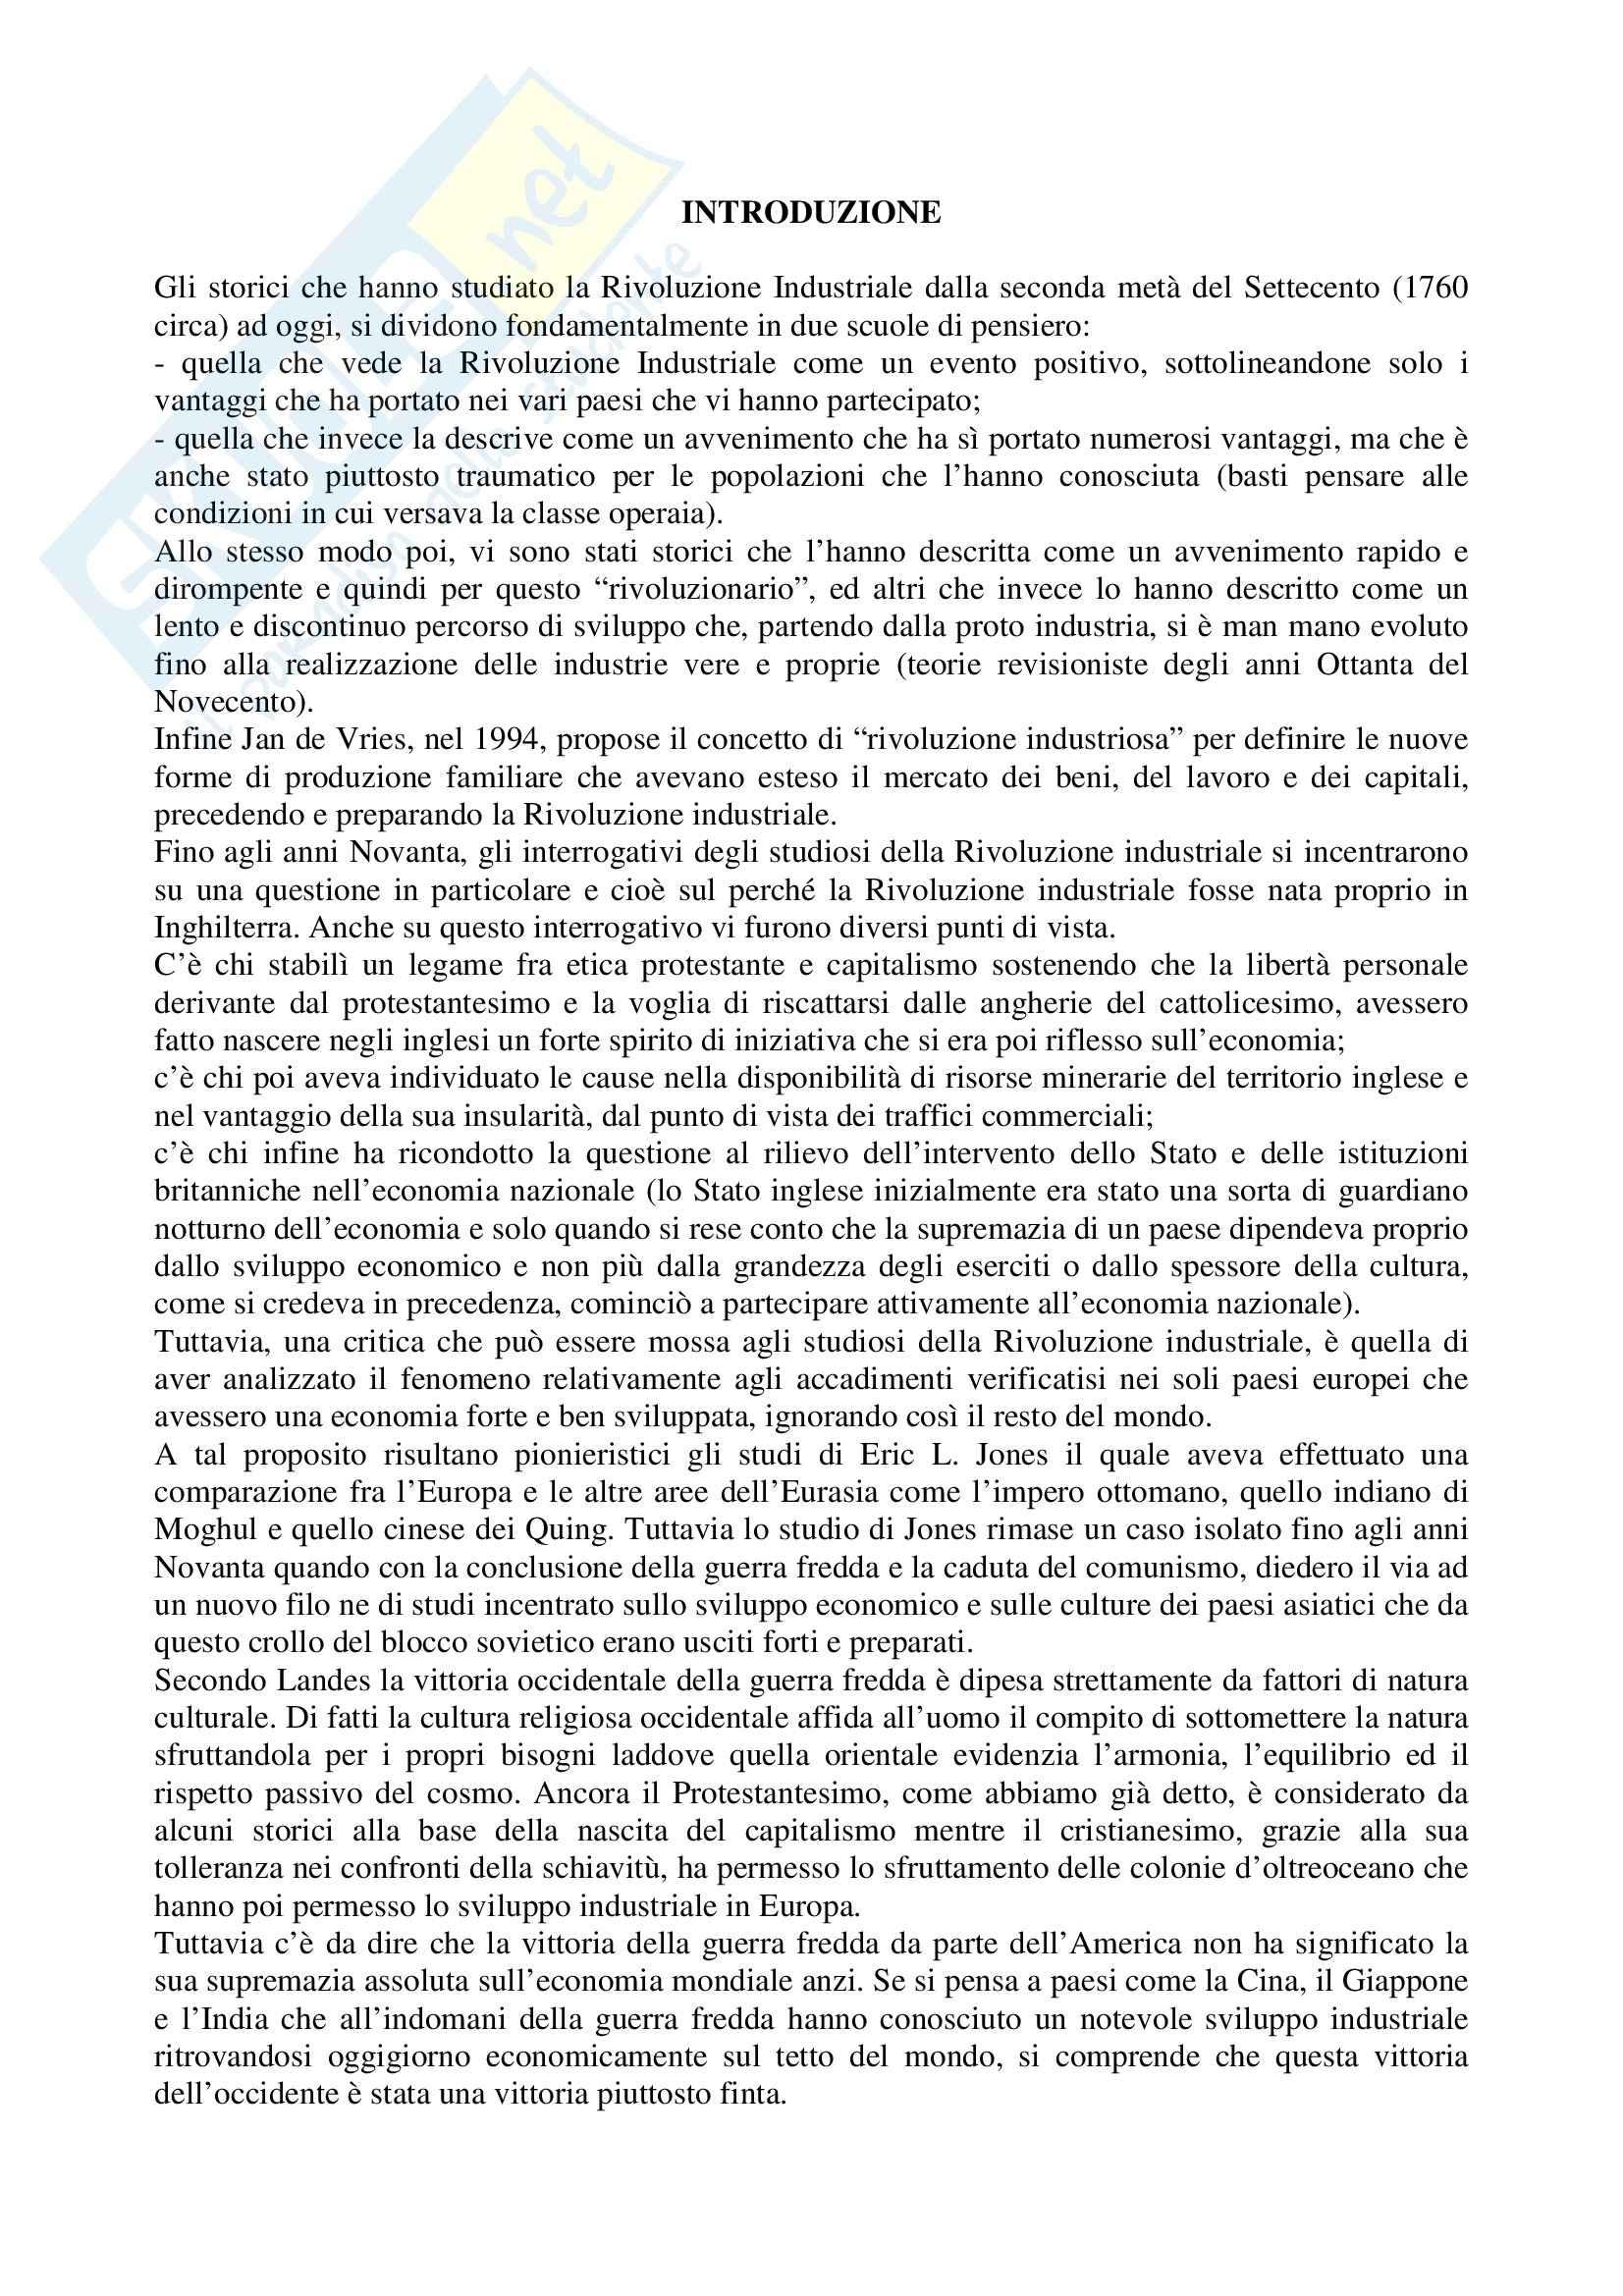 appunto R. Rosolino Storia dell'industria e dell'impresa